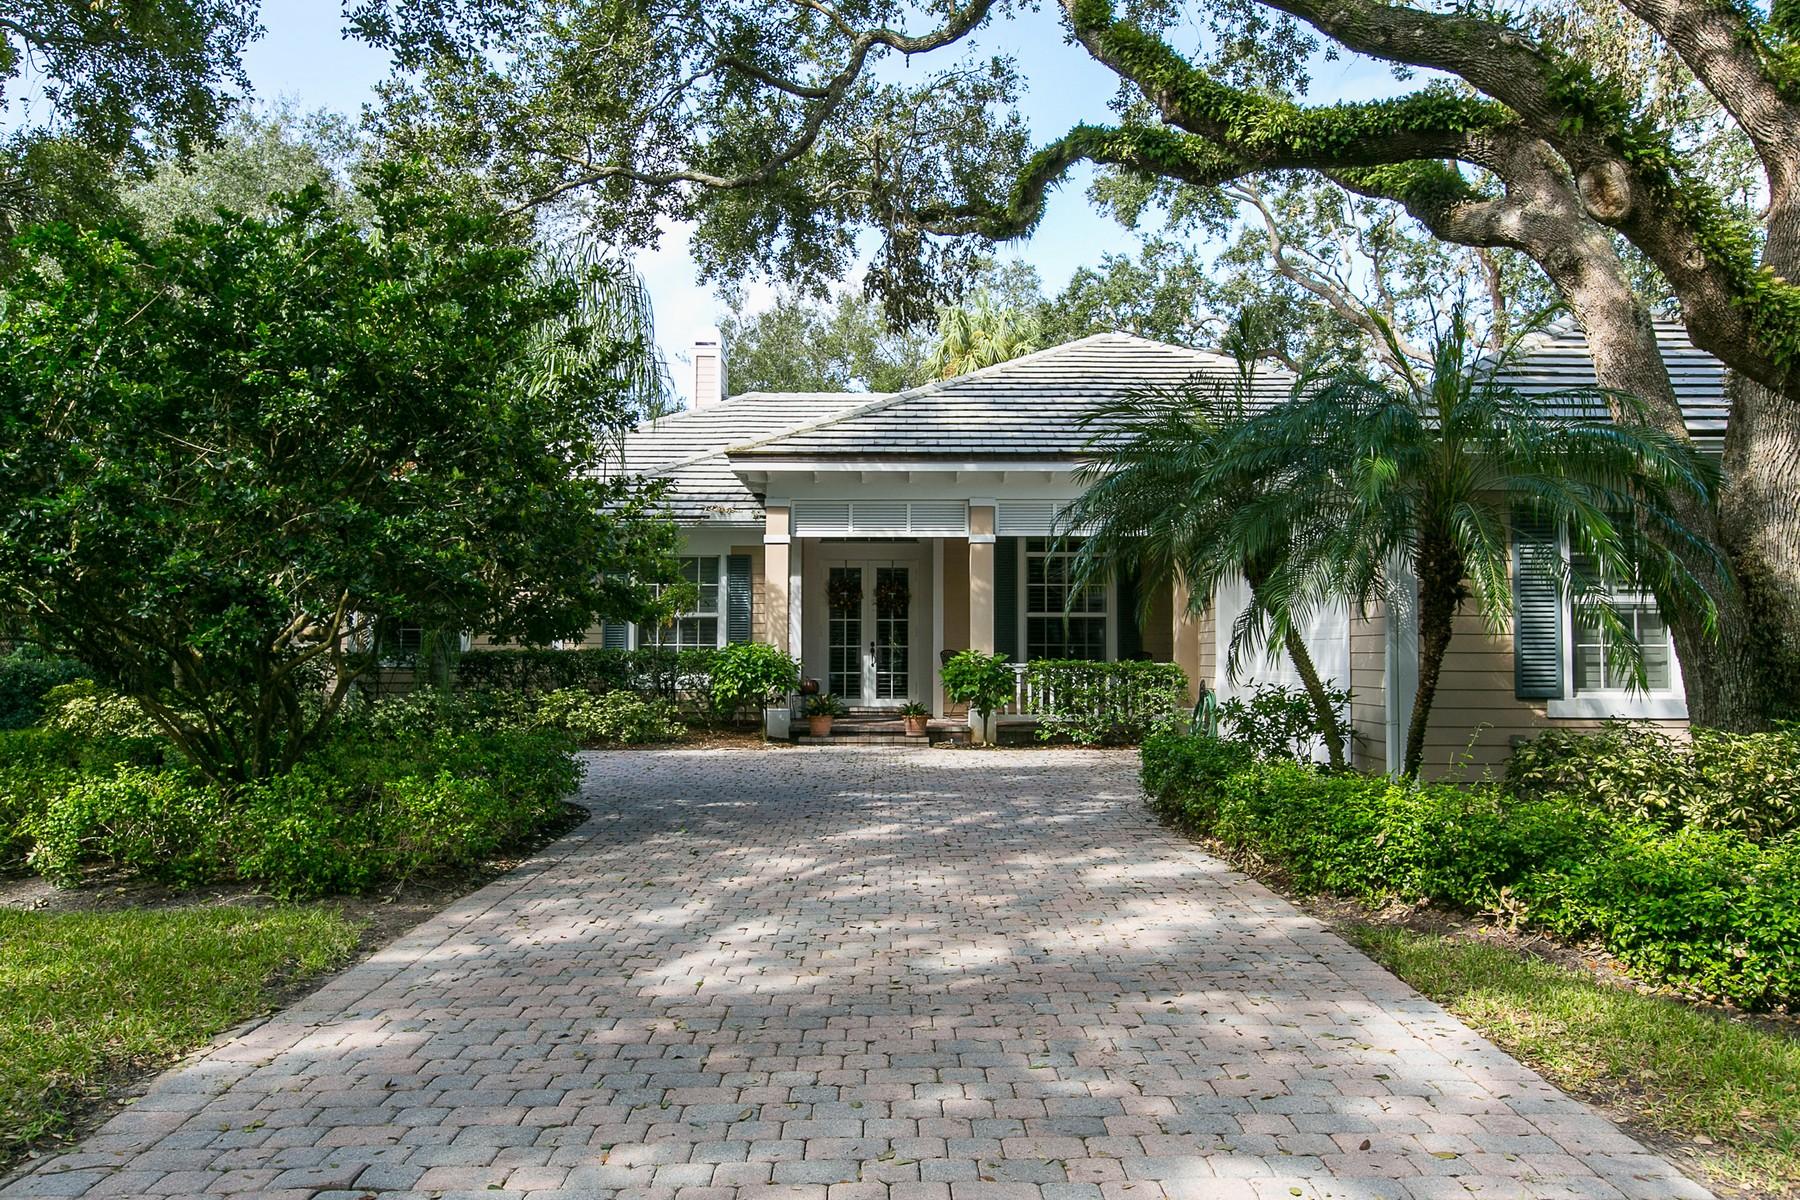 Casa para uma família para Venda às Elegant Custom Home in Indian Trails 671 N Tomahawk Trl Indian River Shores, Florida, 32963 Estados Unidos